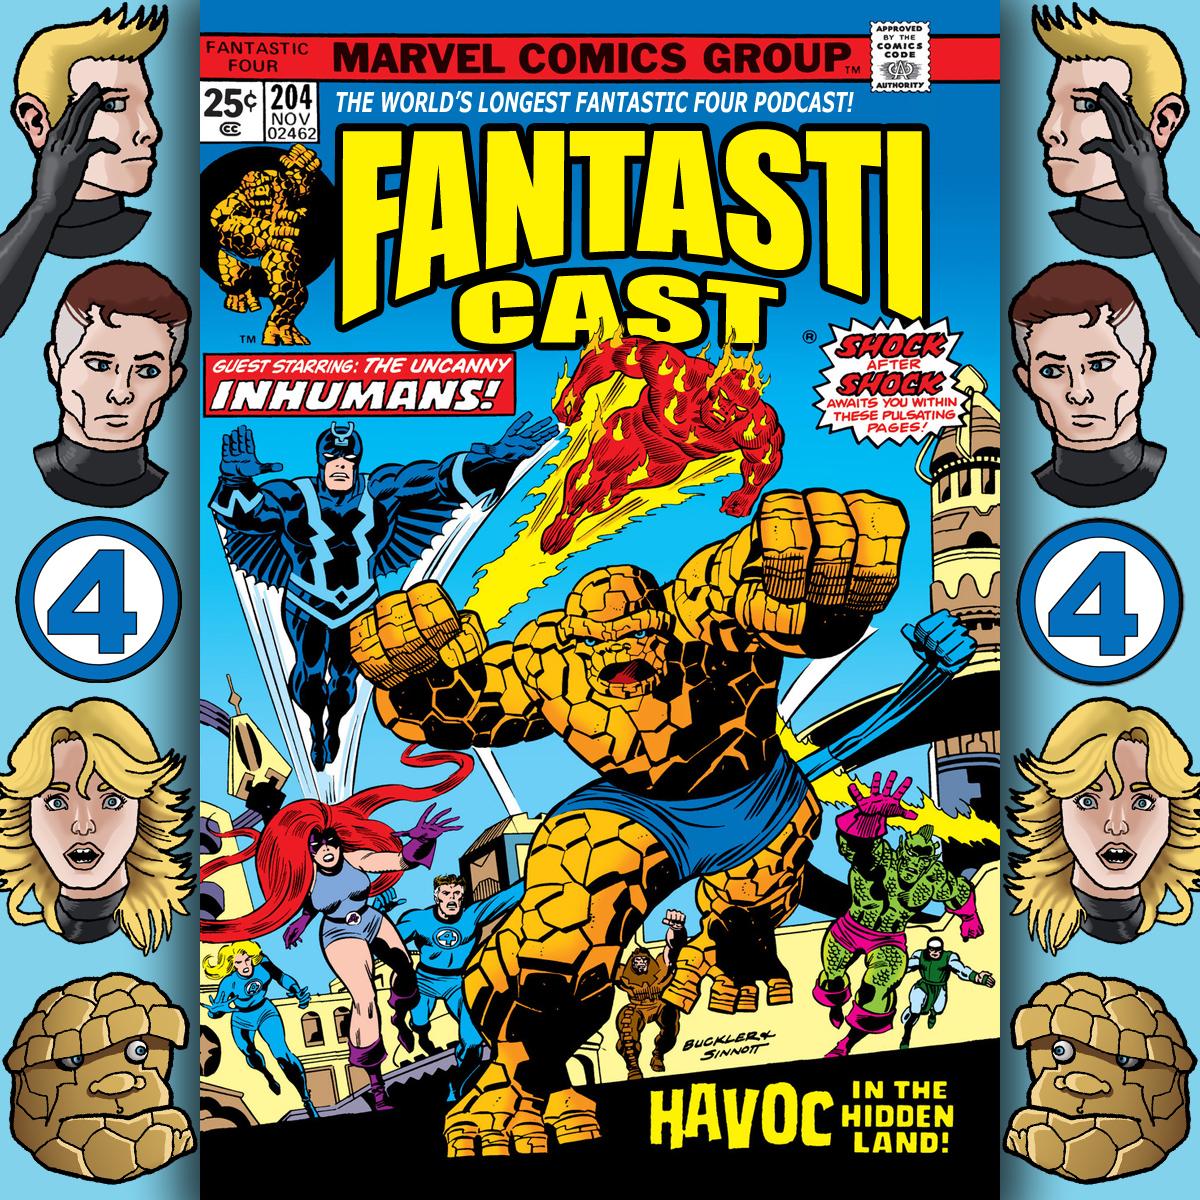 The Fantasticast Episode 204